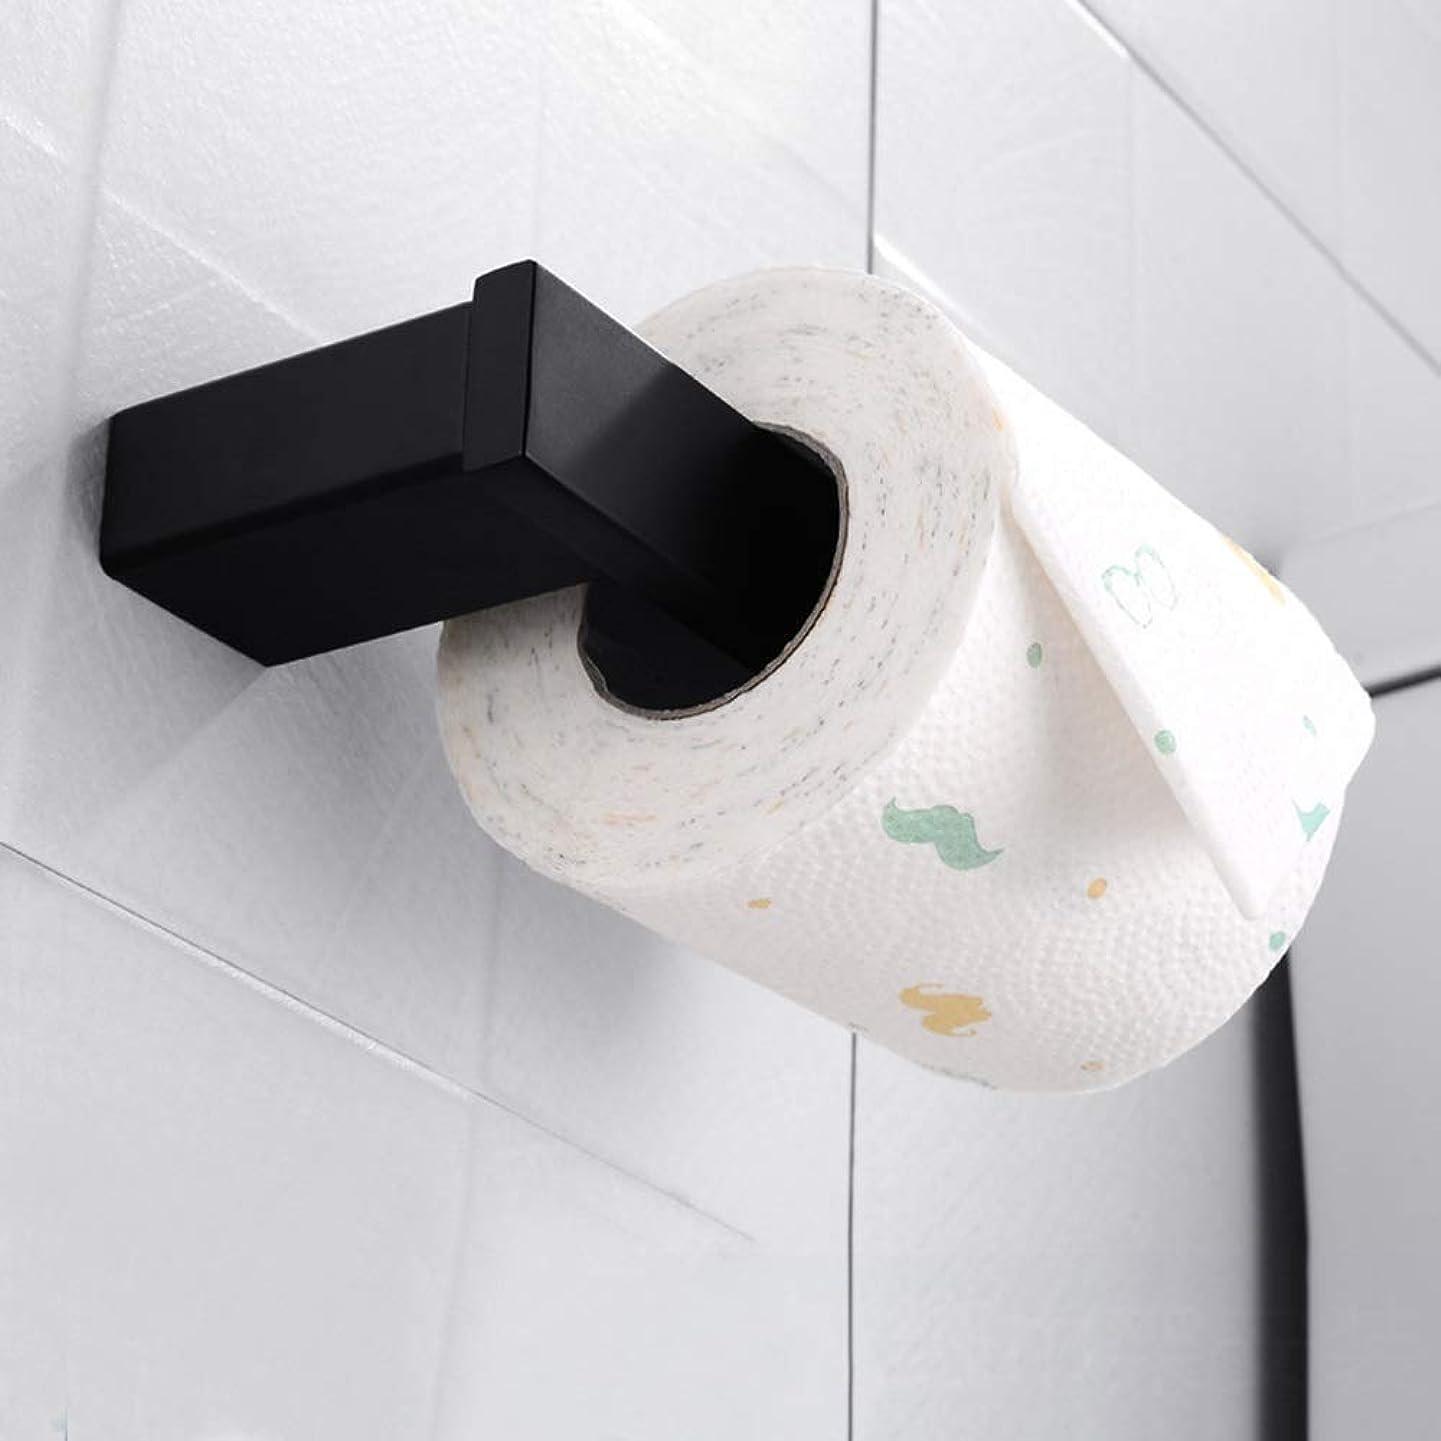 名門まだ安定しましたバス用品 パンチフリーモダンミニマリストブラックペイントペーパータオルホルダートイレットペーパーホルダーラックサイズ175mm * 70mm * 37mm 浴室用